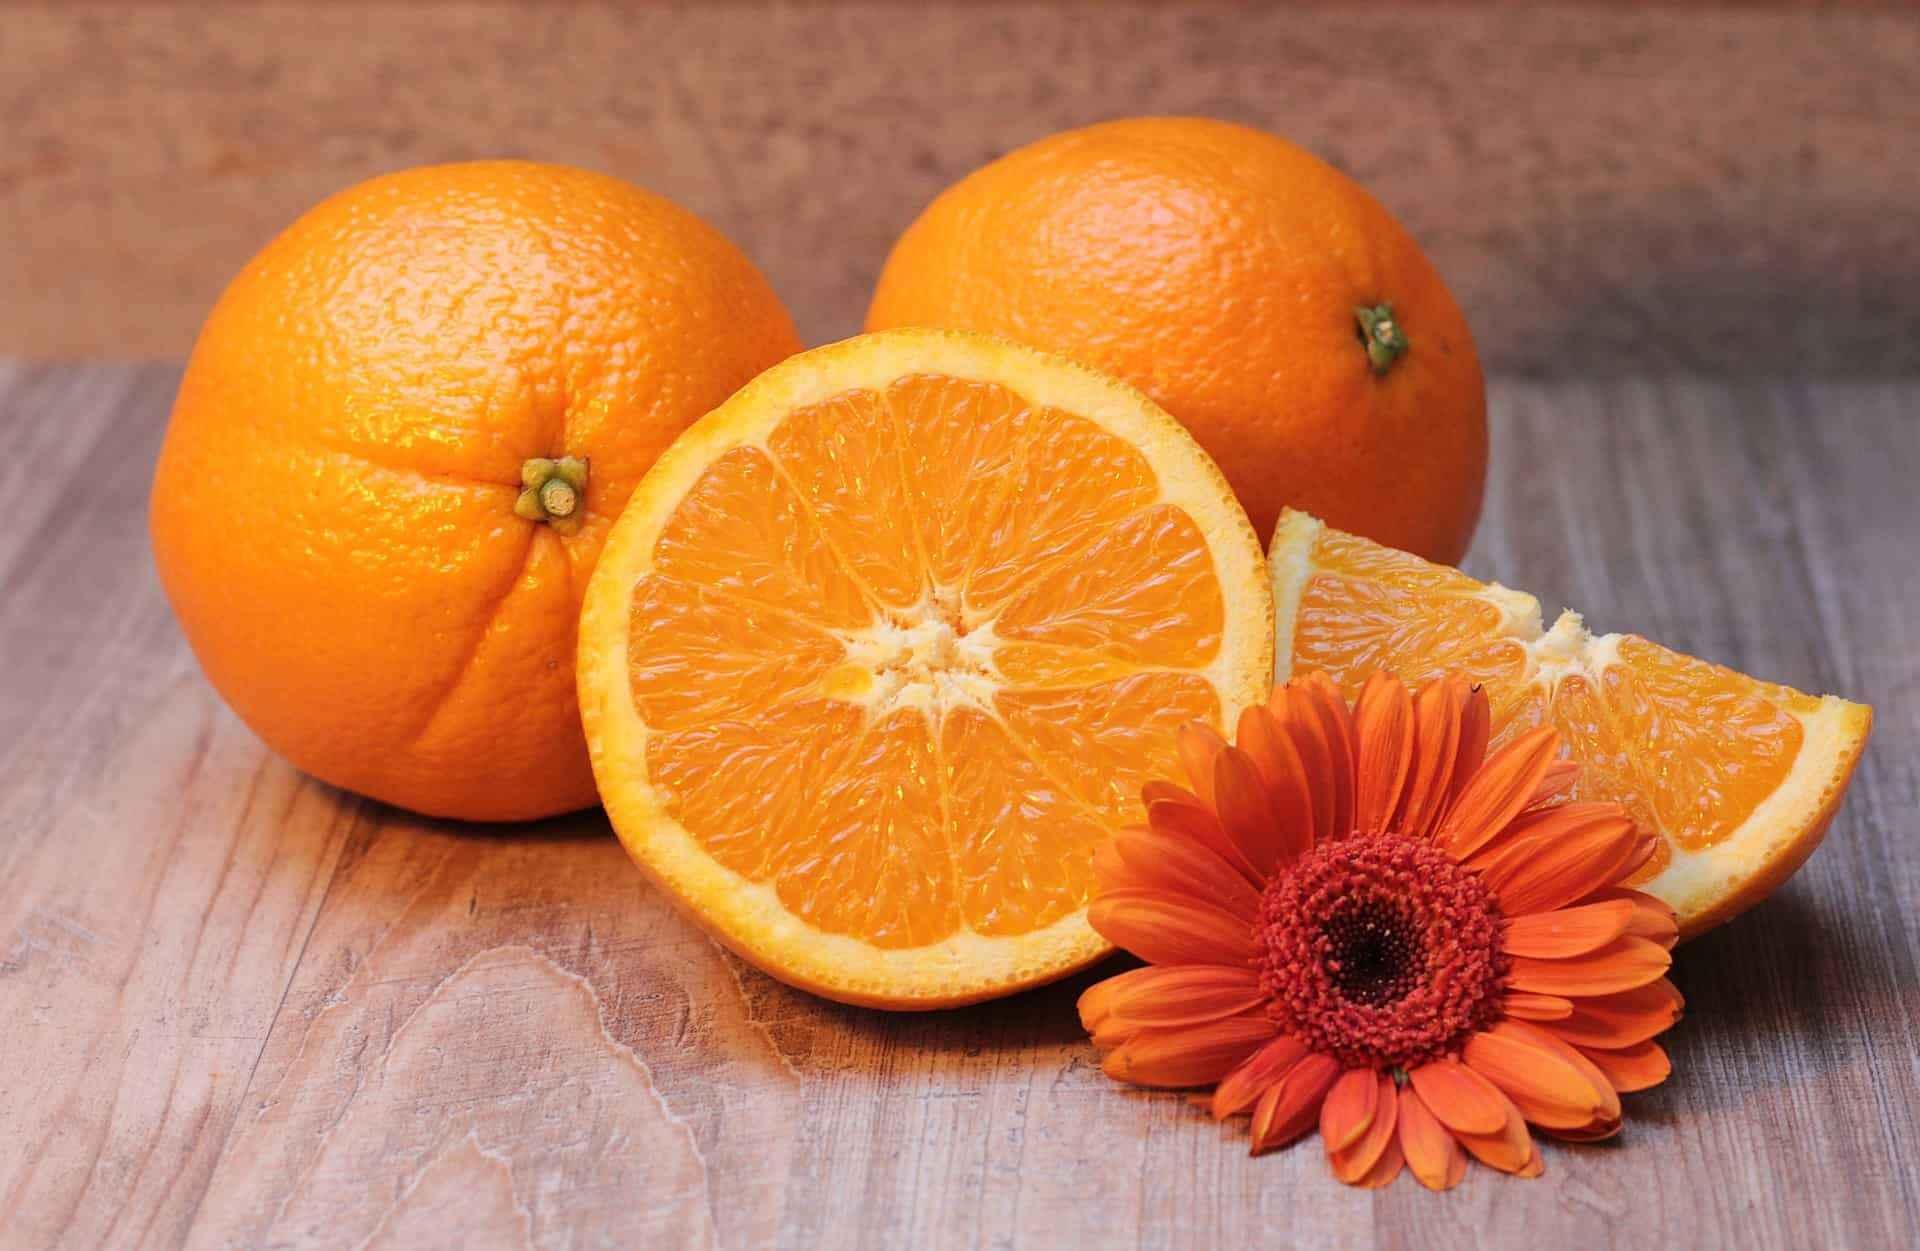 संतरा का उपाय